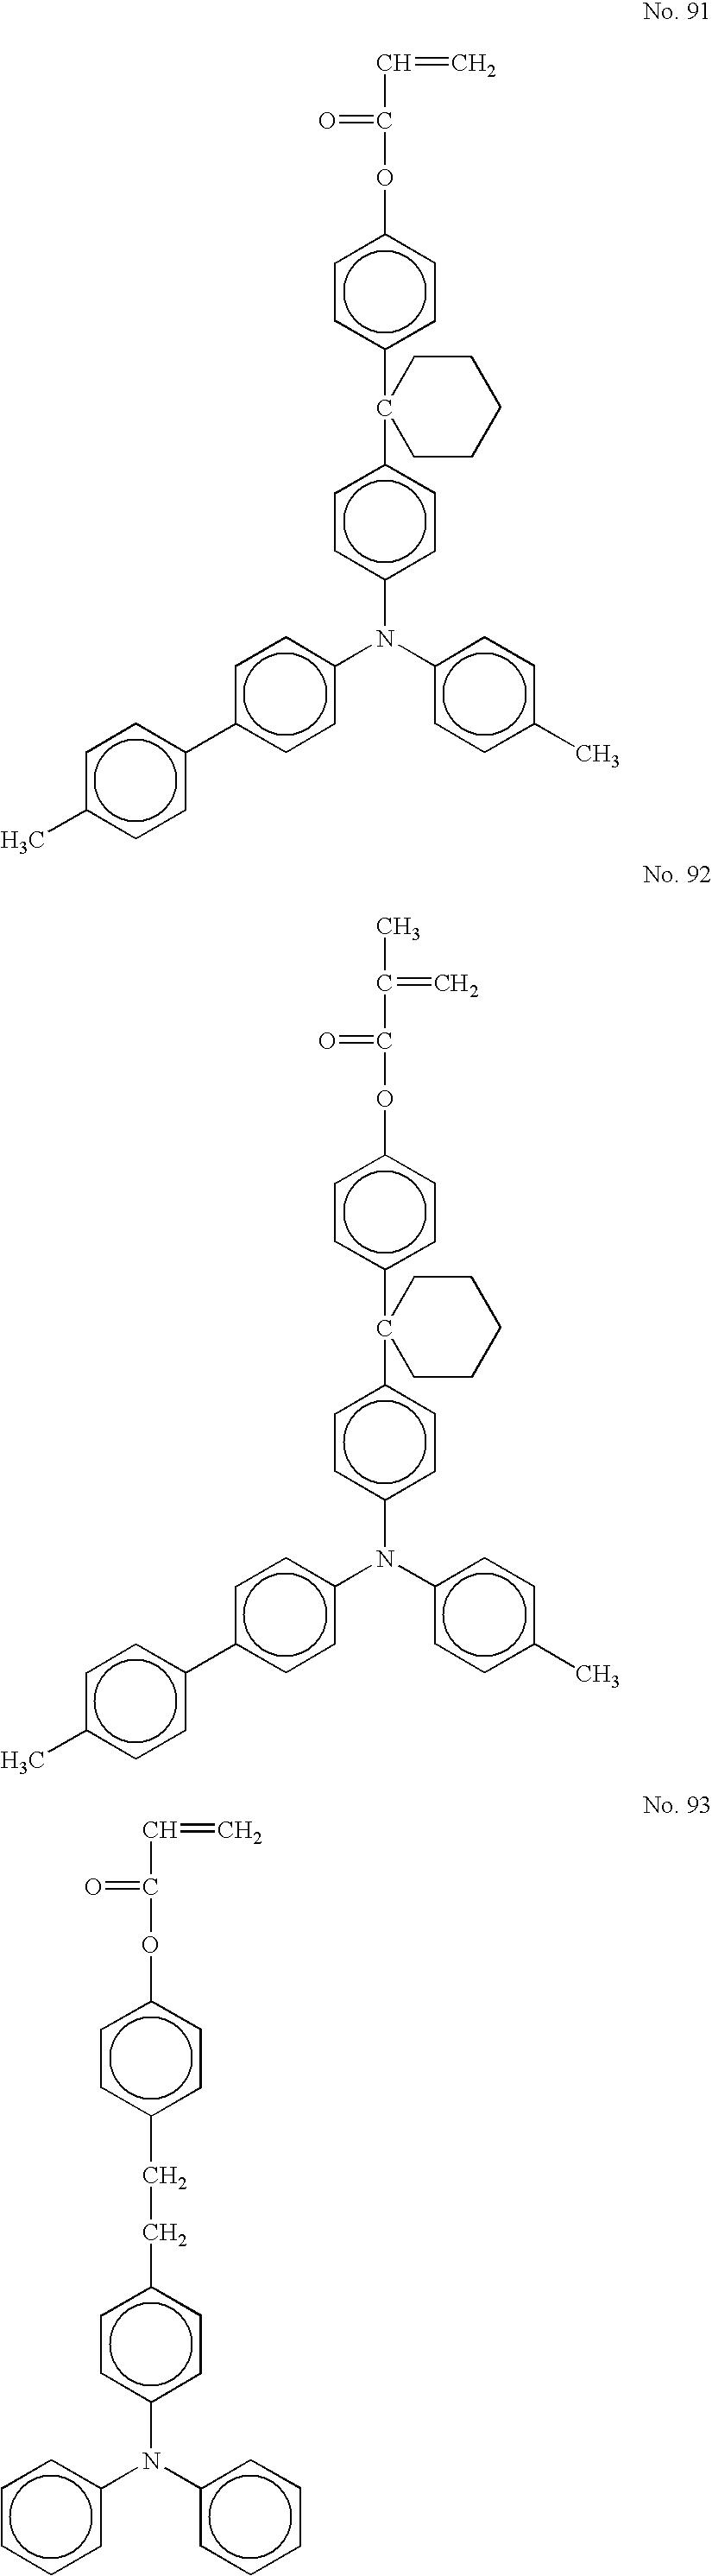 Figure US20040253527A1-20041216-C00042